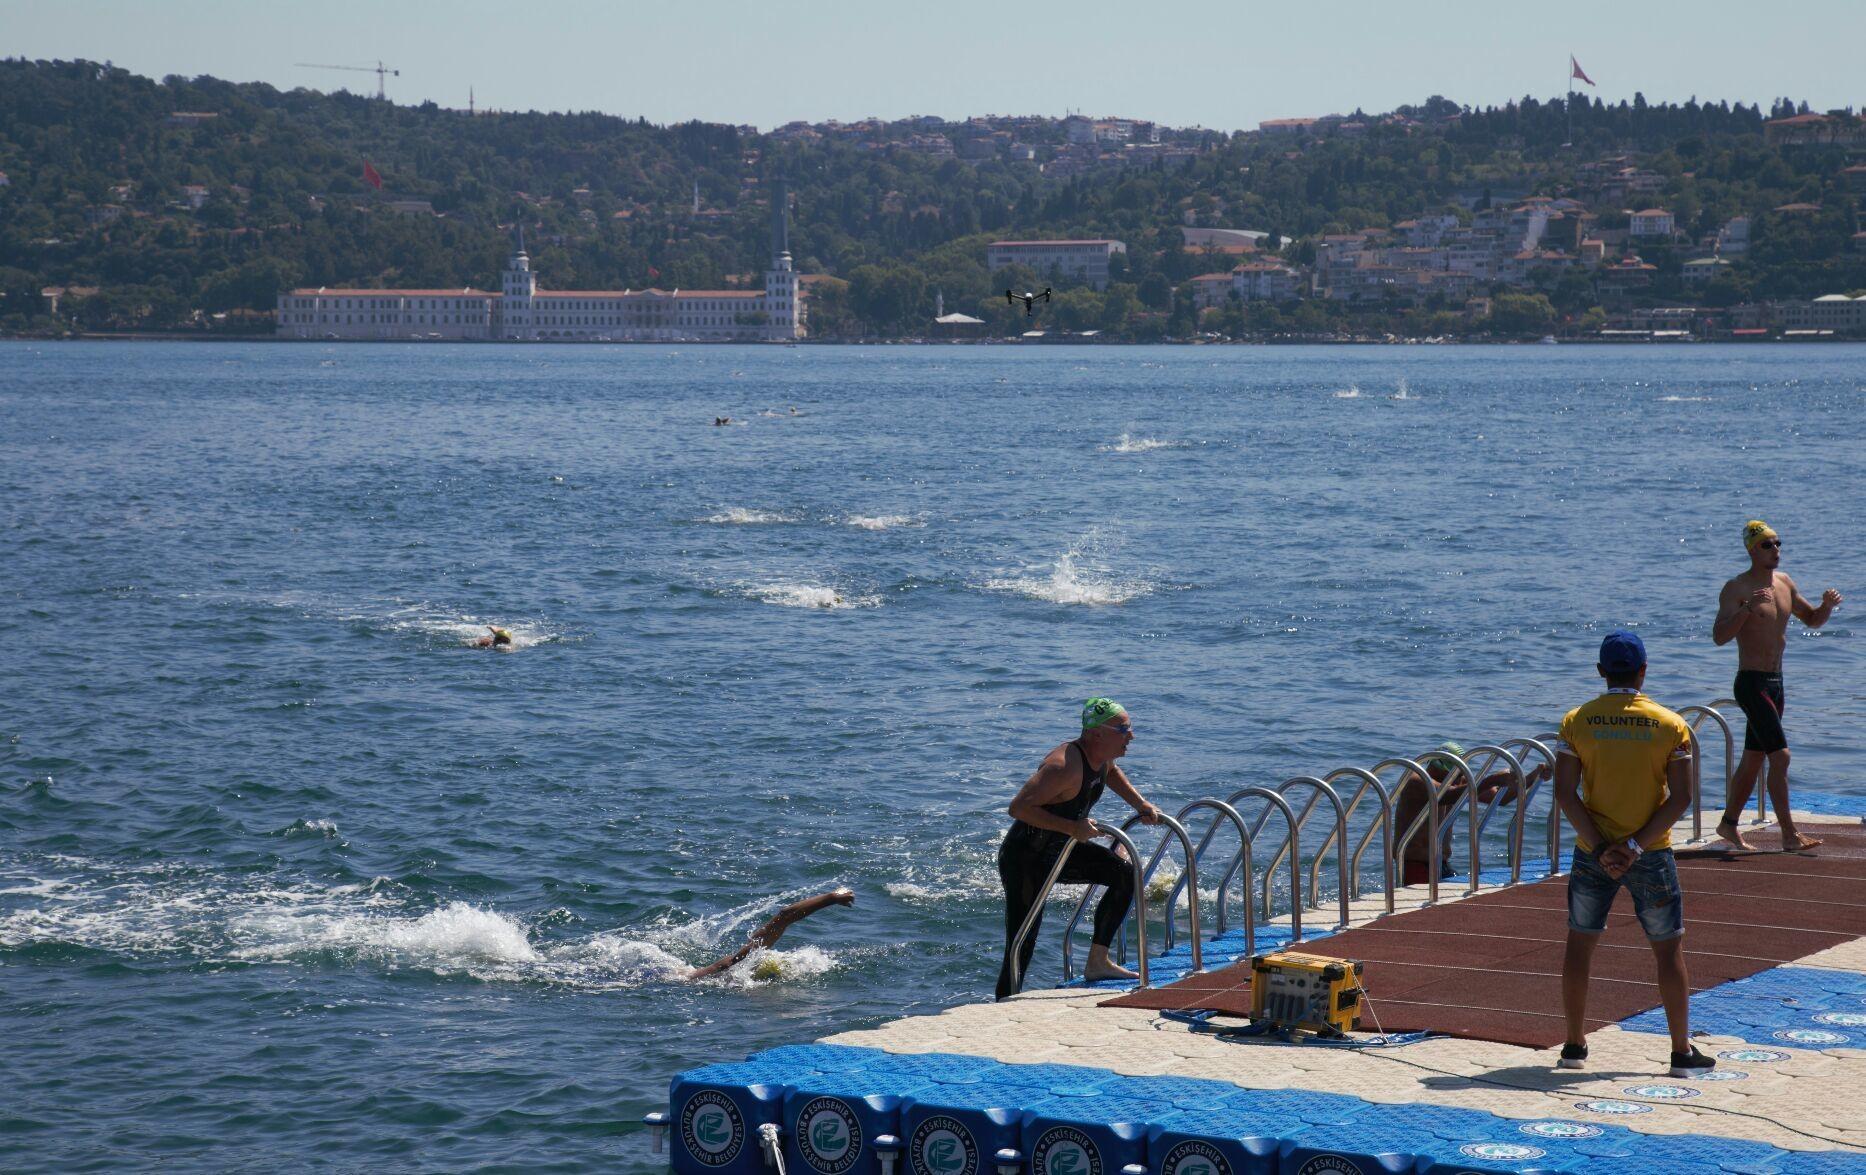 2017 Samsung Boğaziçi Kıtalararası Yüzme Yarışı